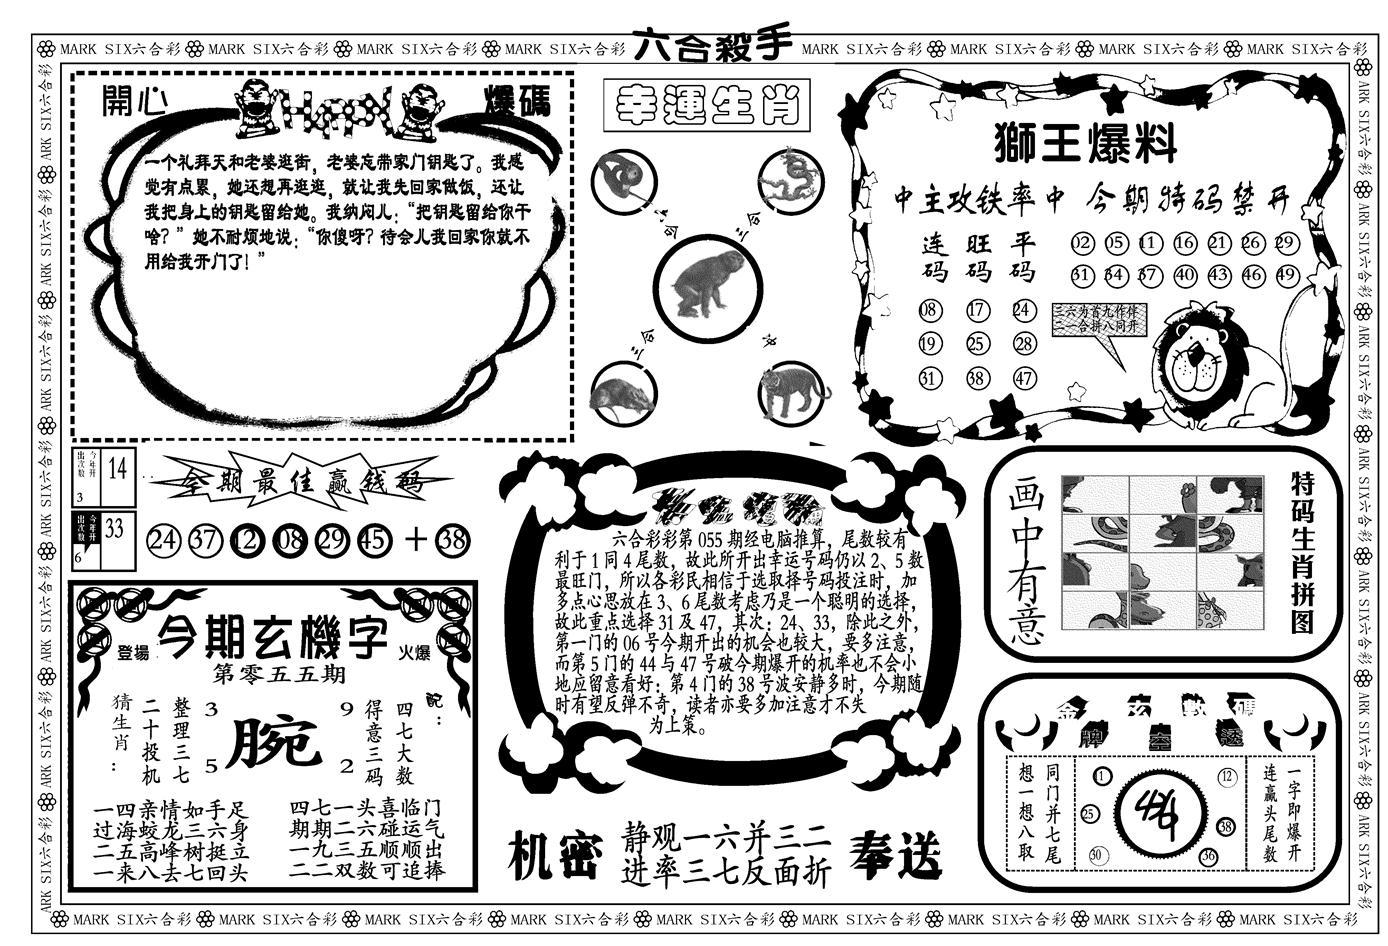 055期新六合杀手B(黑白)